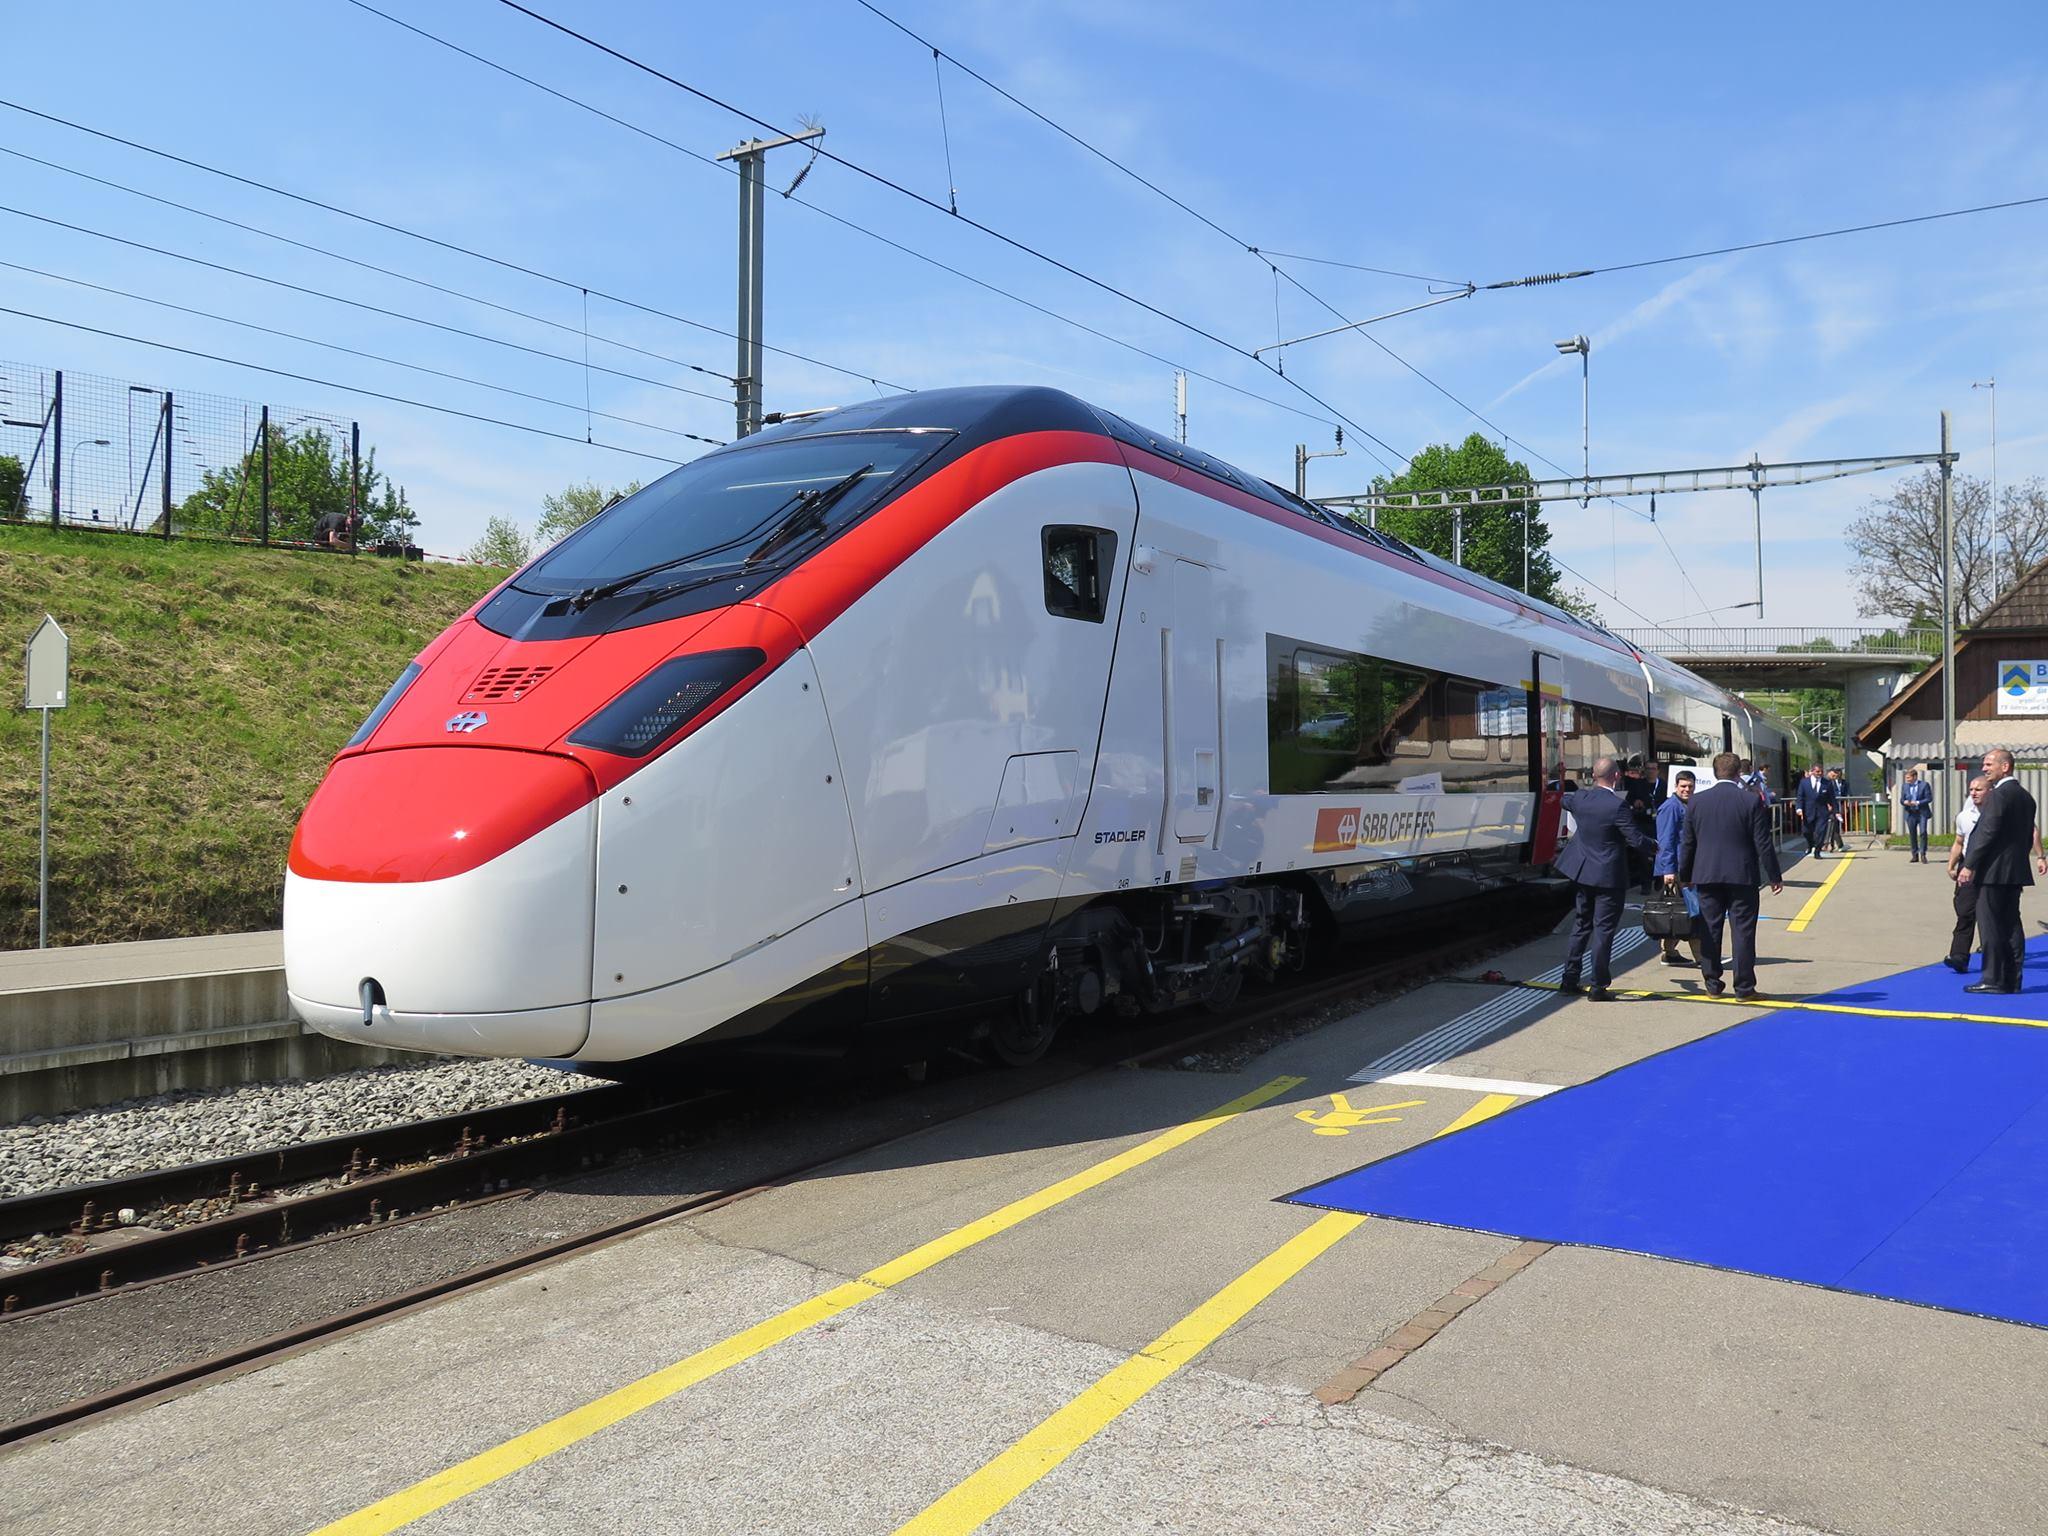 Tage der offenen tür  Werkstattatlas.info - Die Bahnwelt im Internet - Stadler Rail: Tag ...